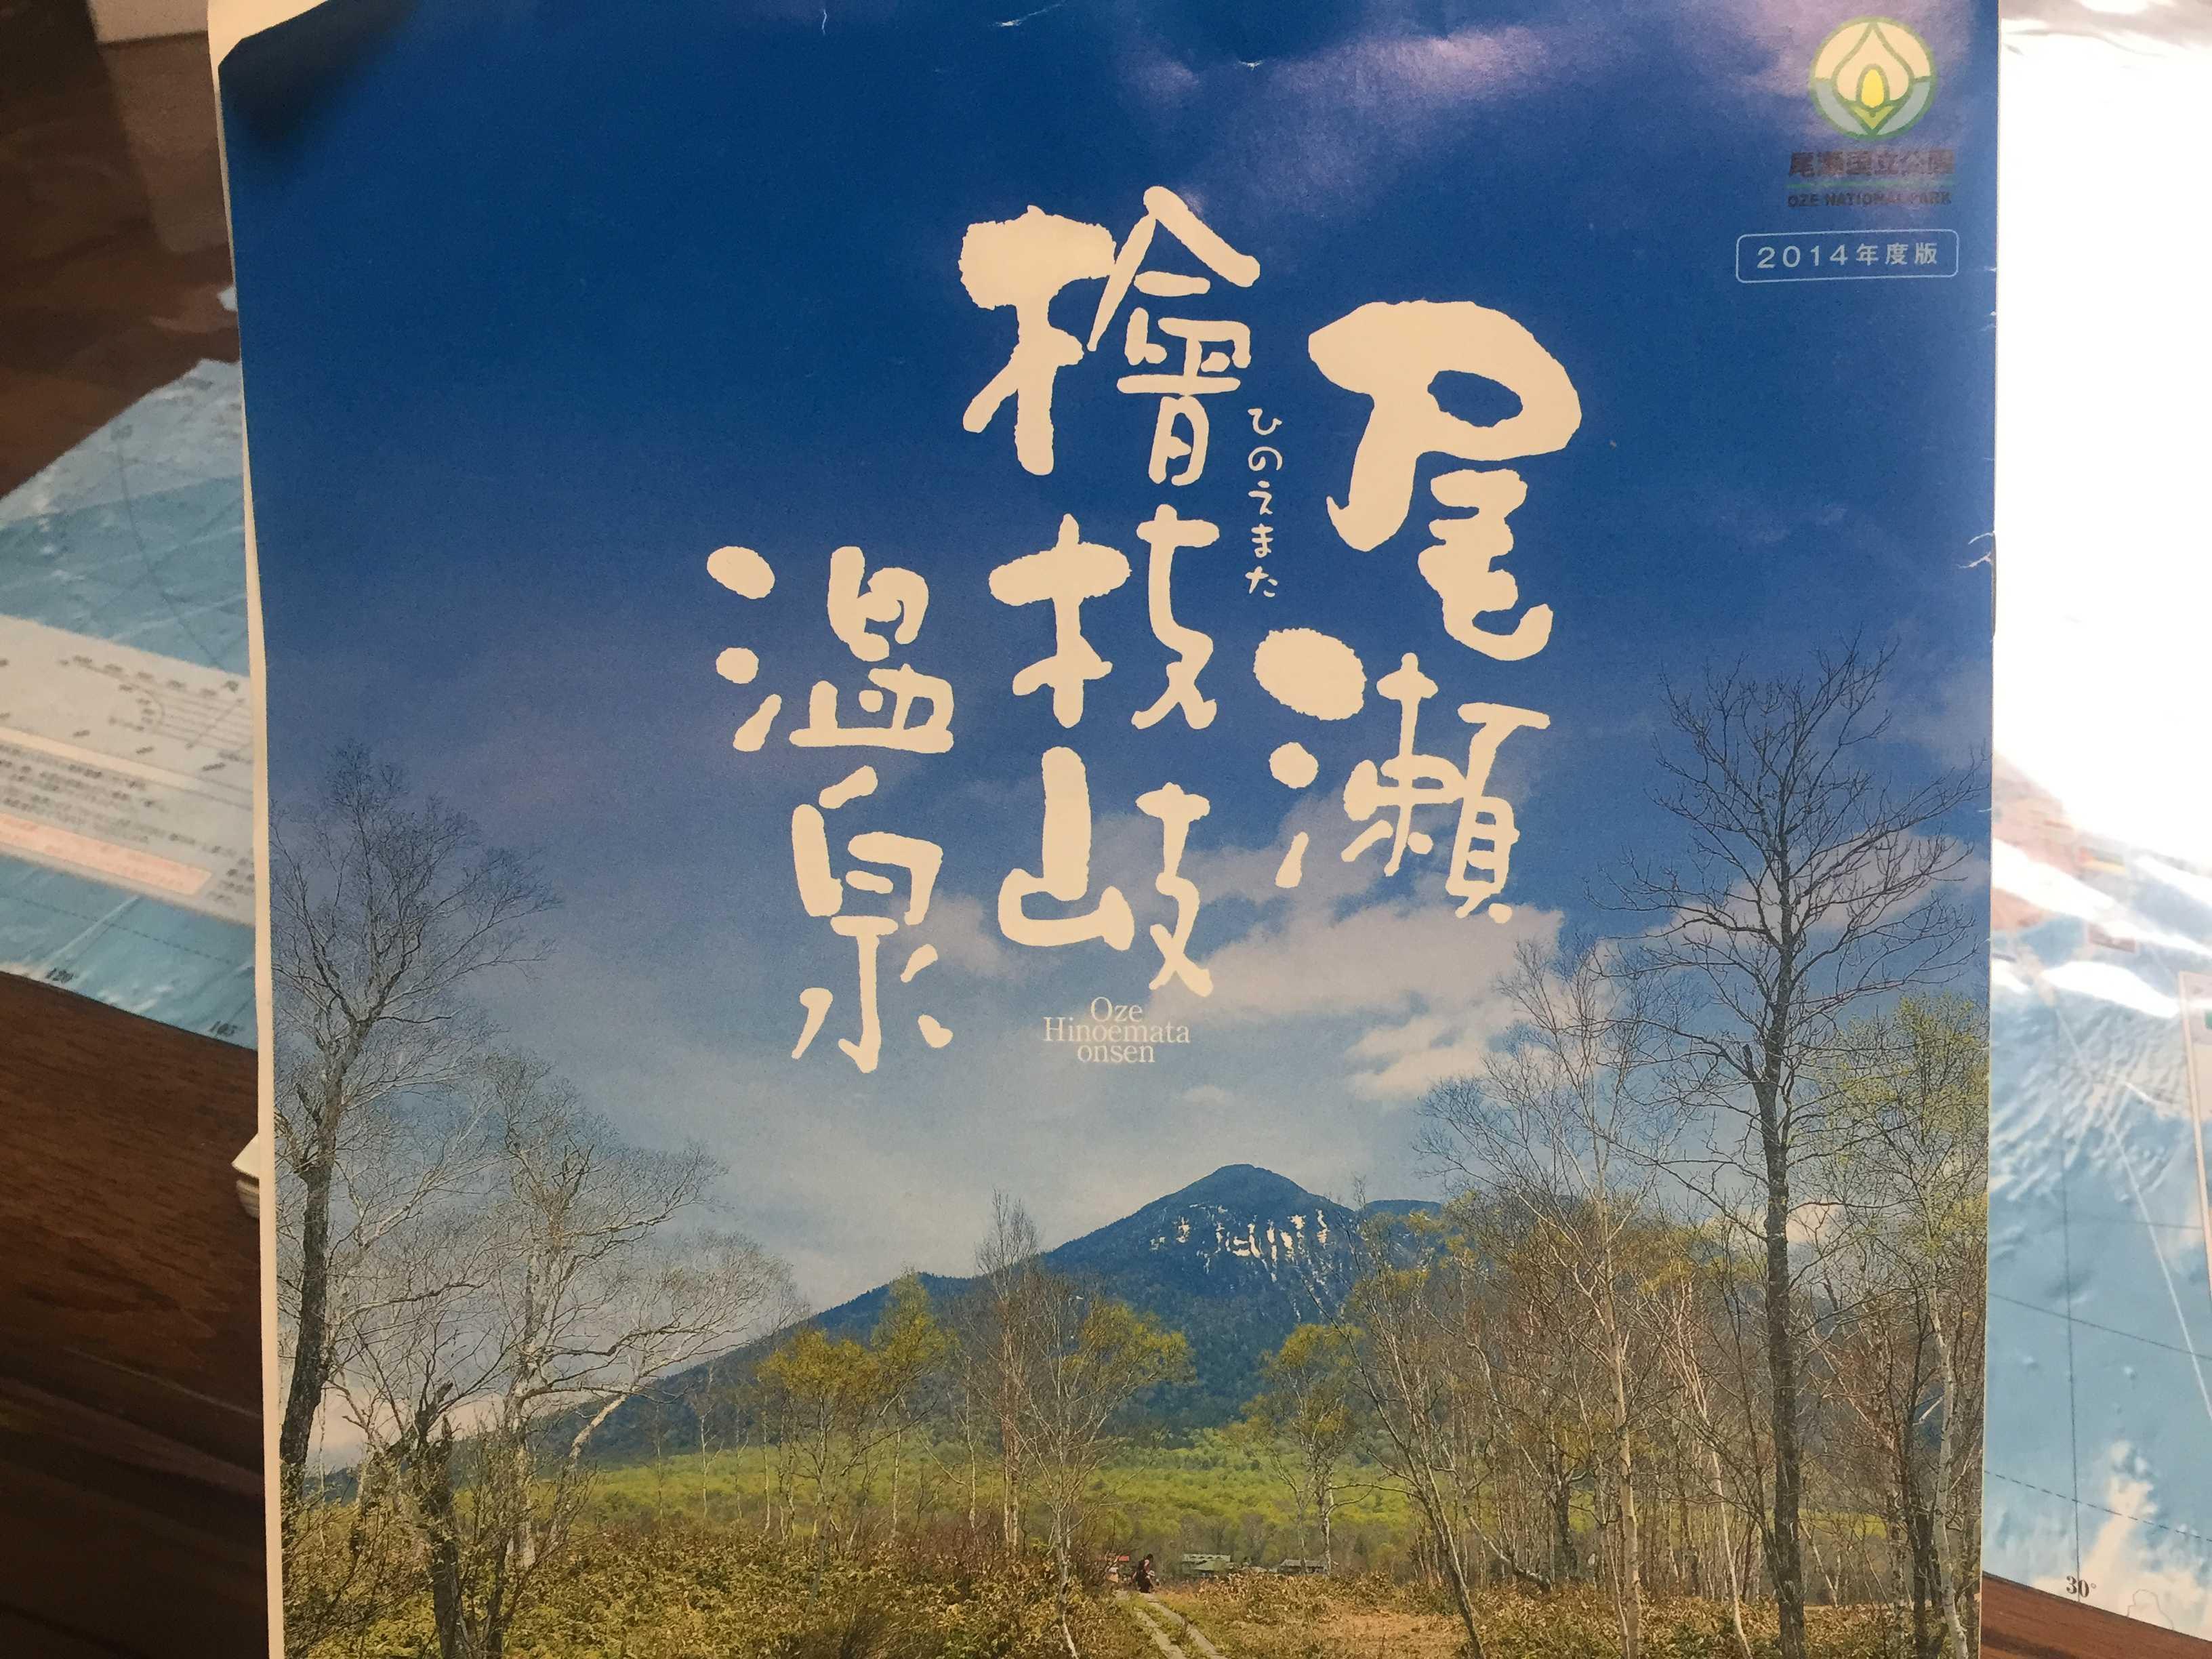 尾瀬国立公園 尾瀬檜枝岐温泉 / Oze Hinoemata onsen のパンフレット